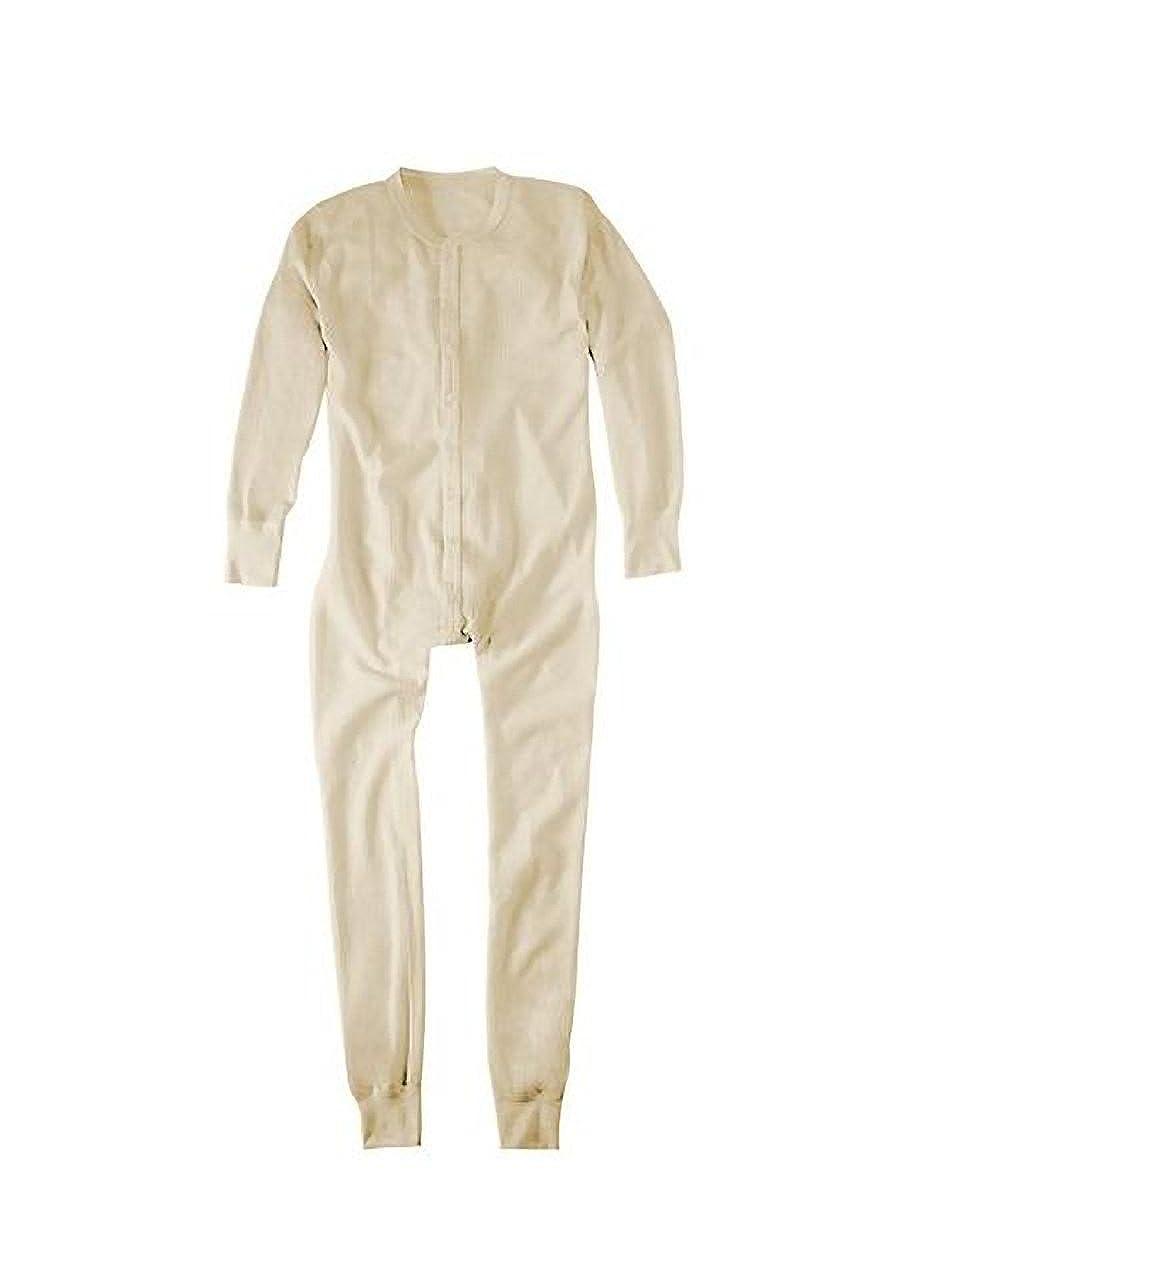 Hanes Men's Thermal Union Suit 22806